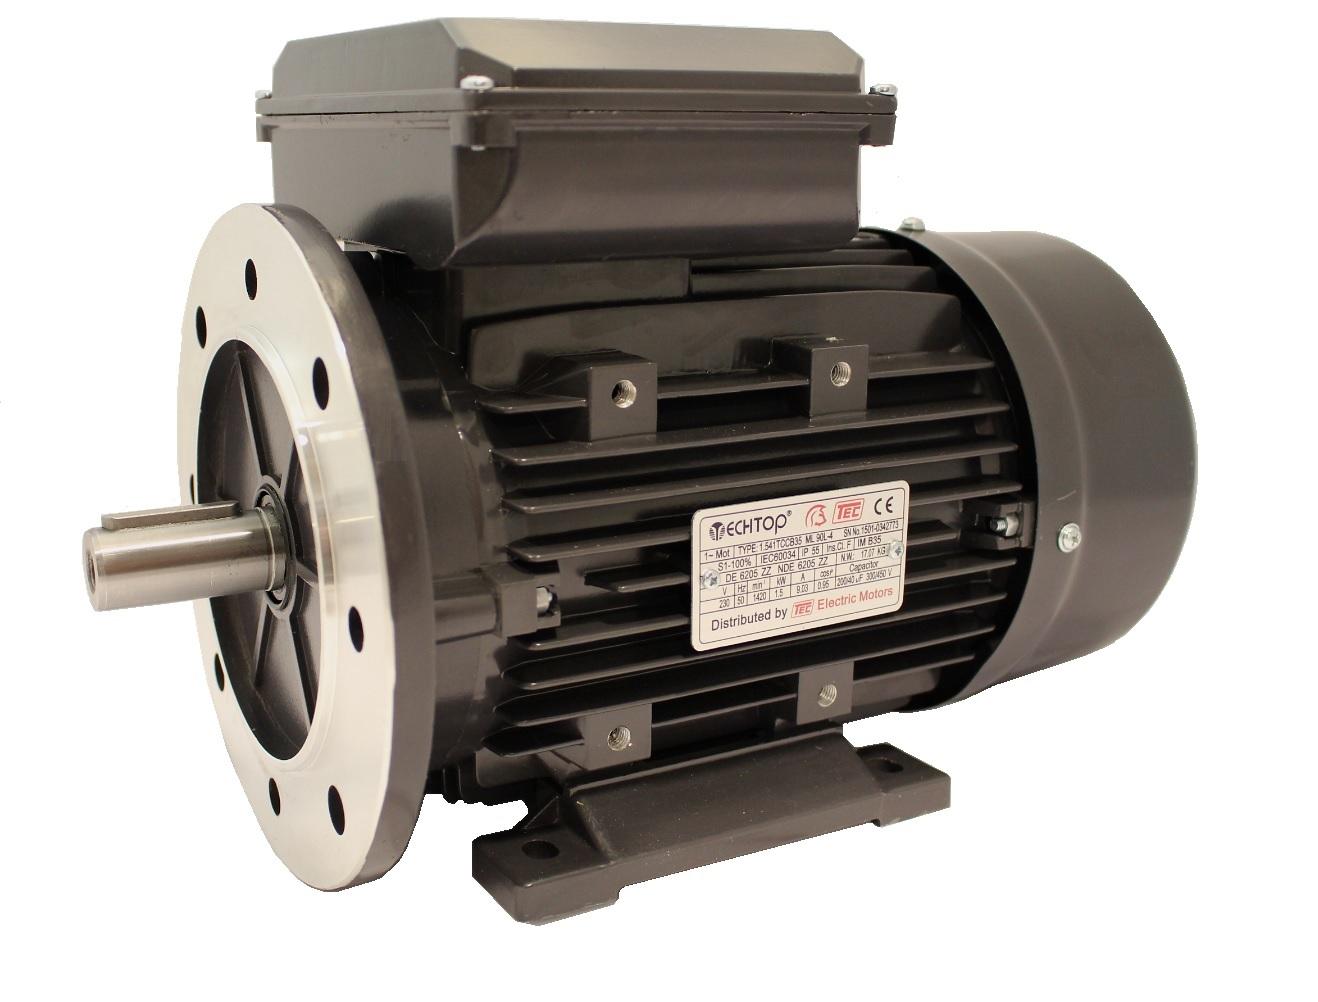 Tec Single Phase 230v Electric Motor 2 2kw 4 Pole